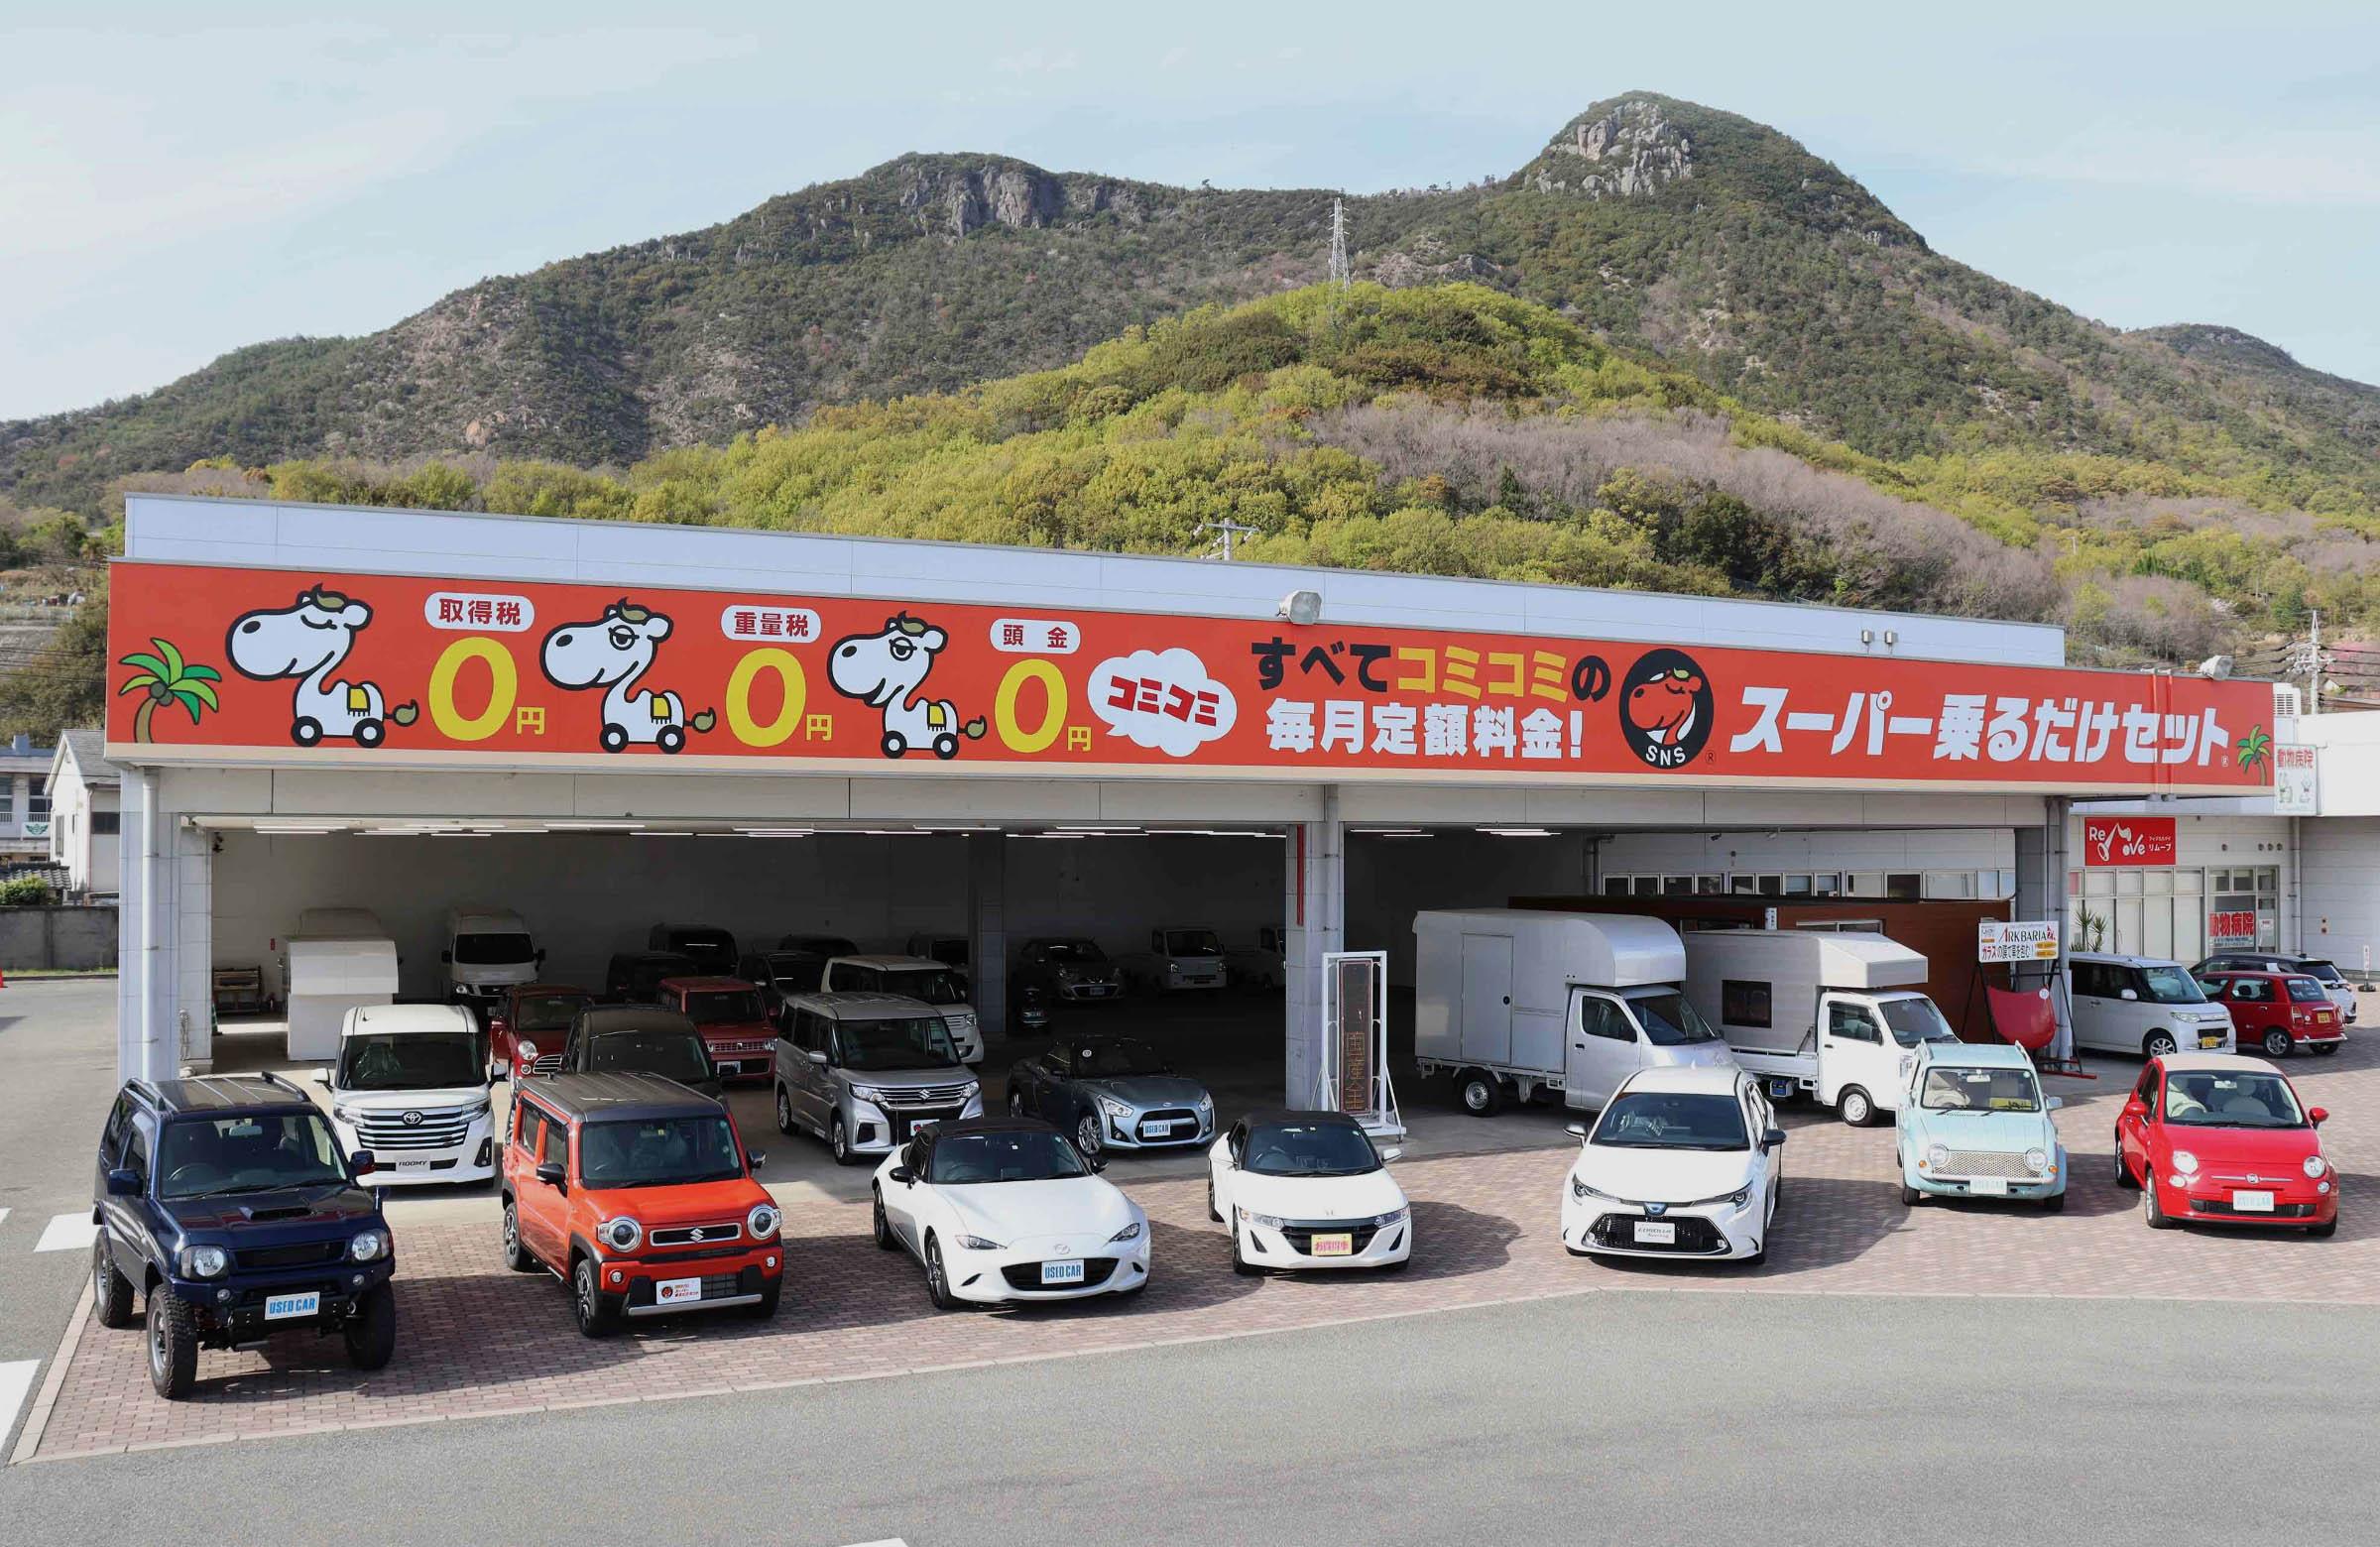 自動車に携わって50有余年香川県小豆島から信頼と安心をご提供します